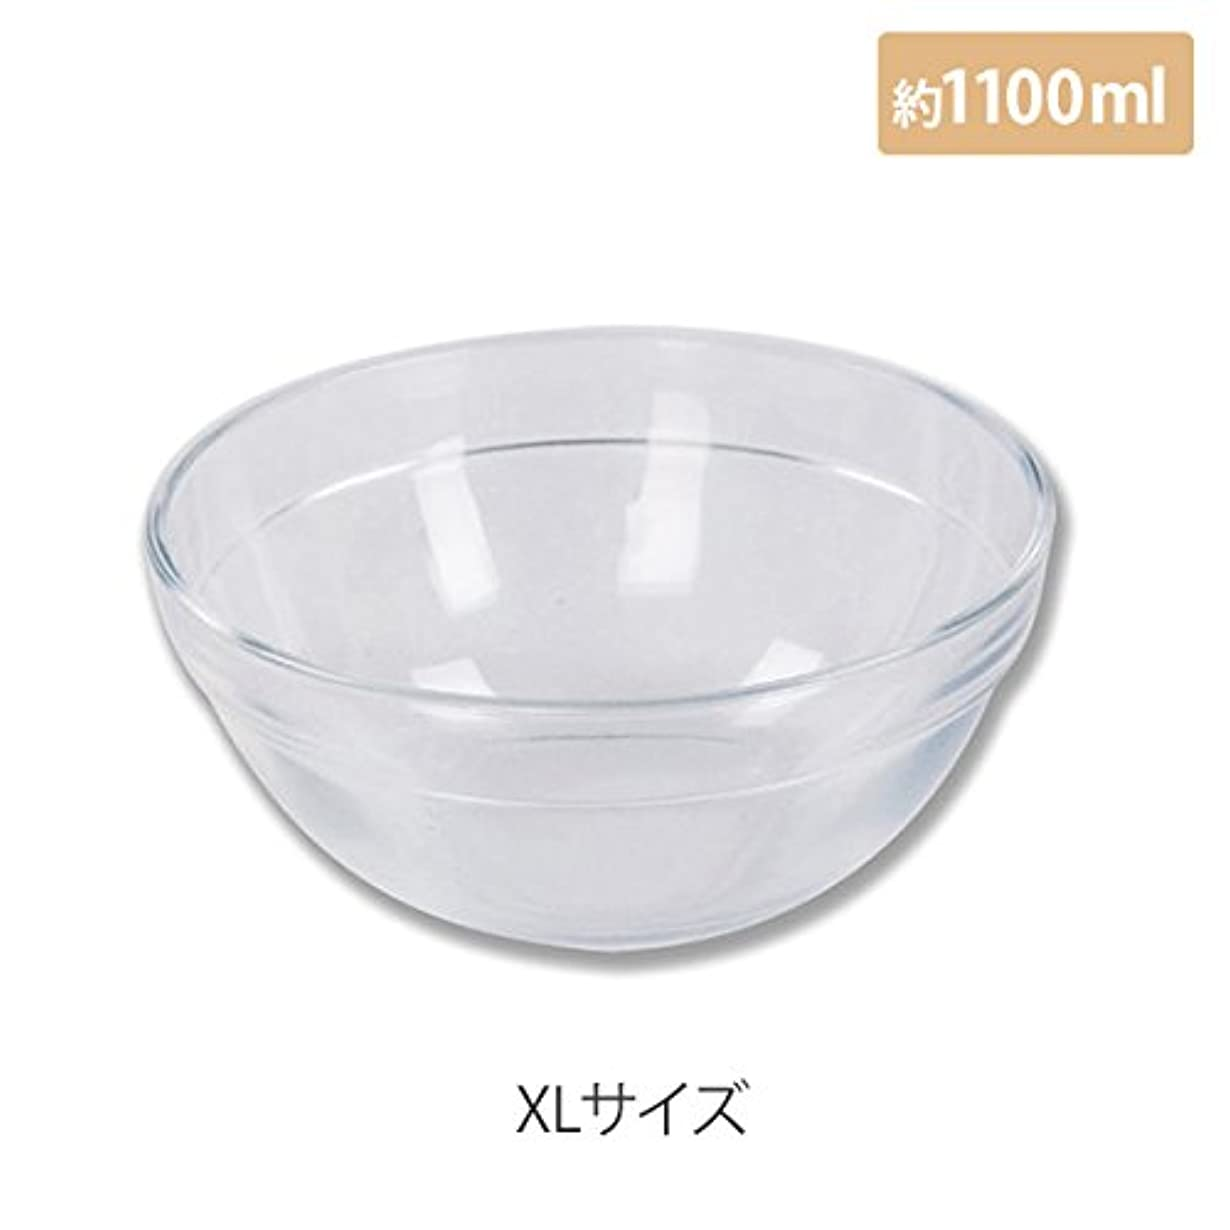 からカロリーローストマイスター プラスティックボウル (XLサイズ) クリア 直径20cm [ プラスチックボール カップボウル カップボール エステ サロン プラスチック ボウル カップ 割れない ]